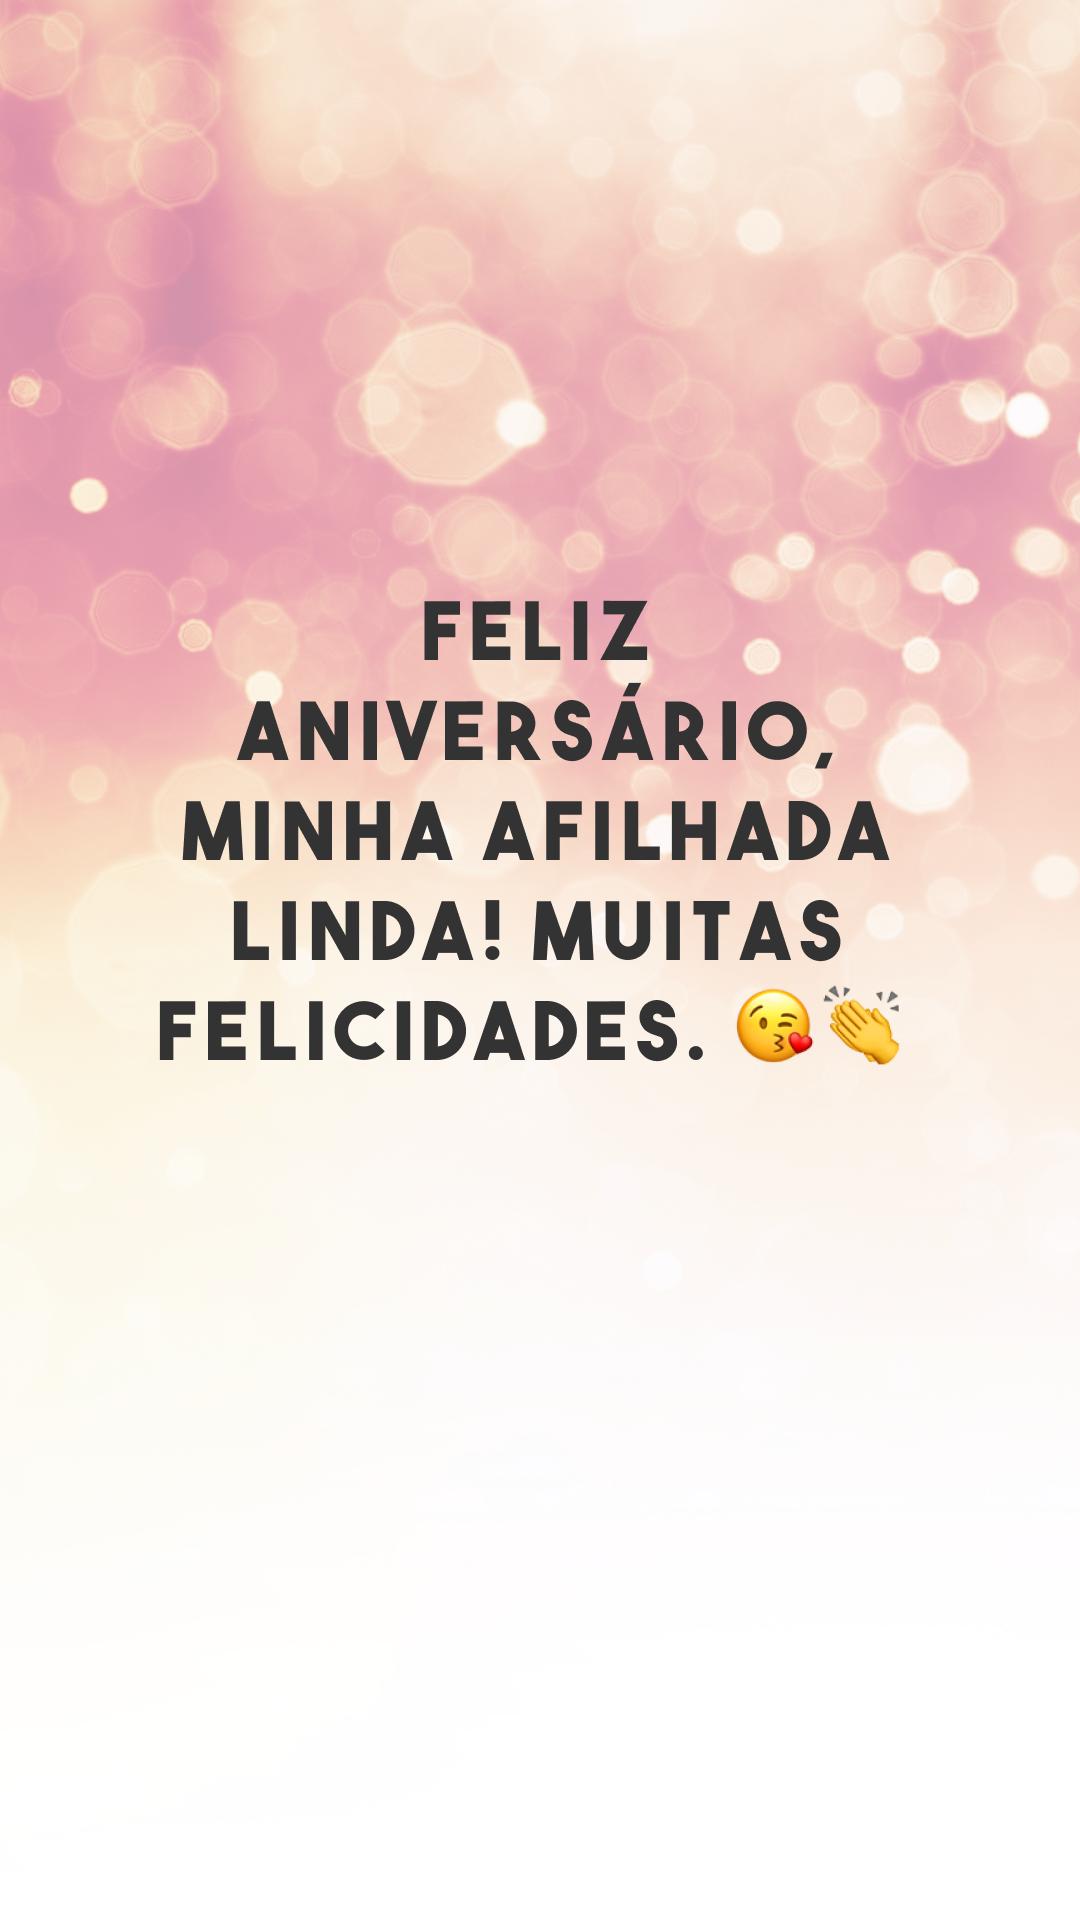 Feliz aniversário, minha afilhada linda! Muitas felicidades. ??